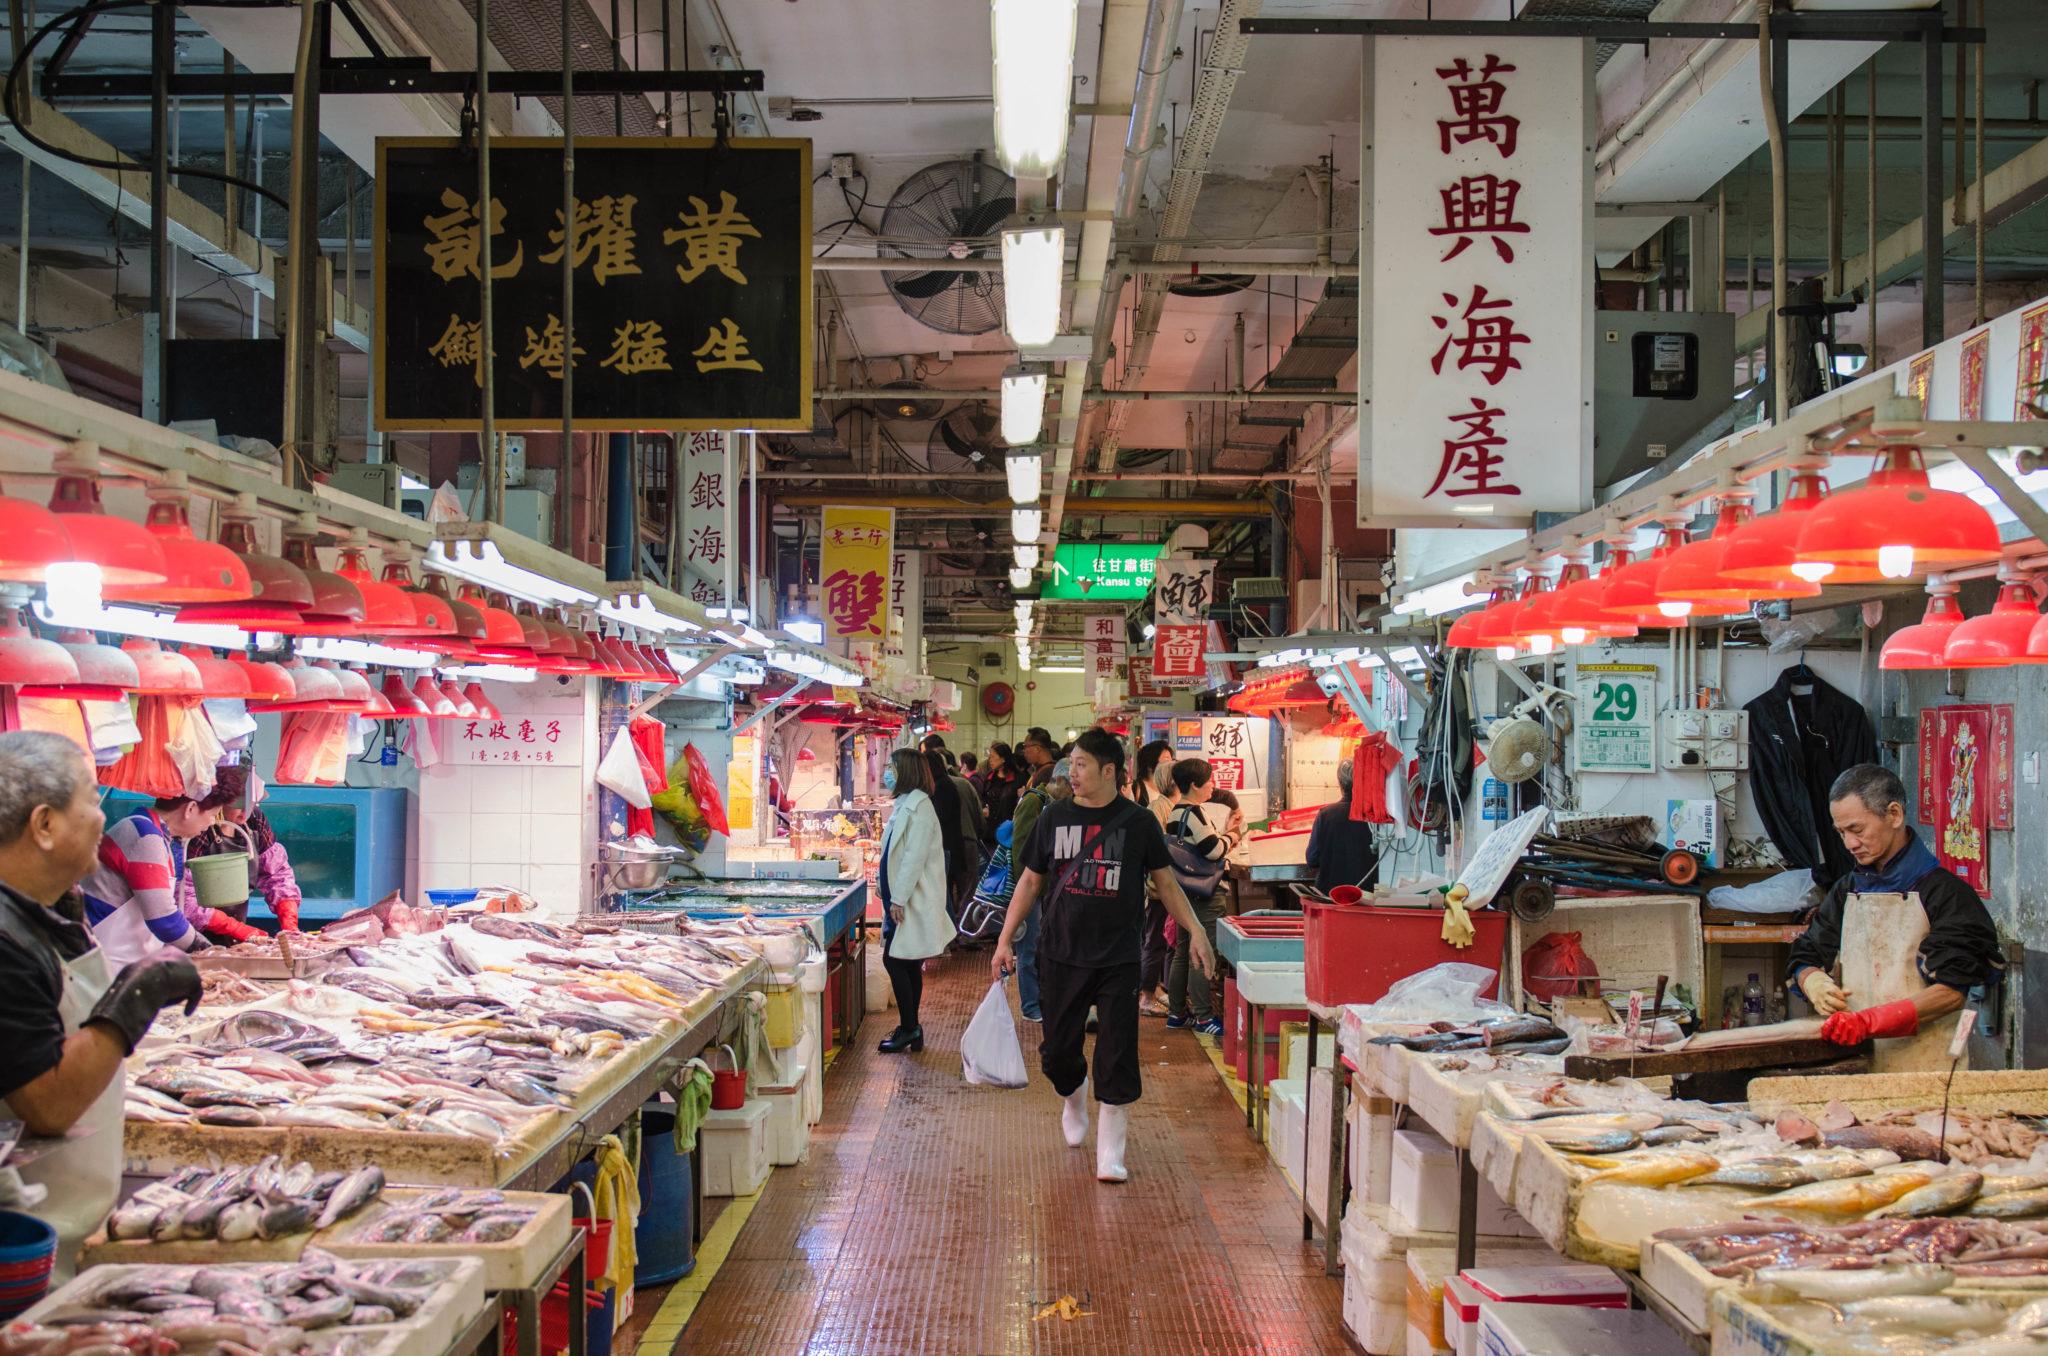 Hongkong Reisetipps: Ein Besuch auf einem der vielen Märkte in Hongkong darf in der Megastadt nicht fehlen.